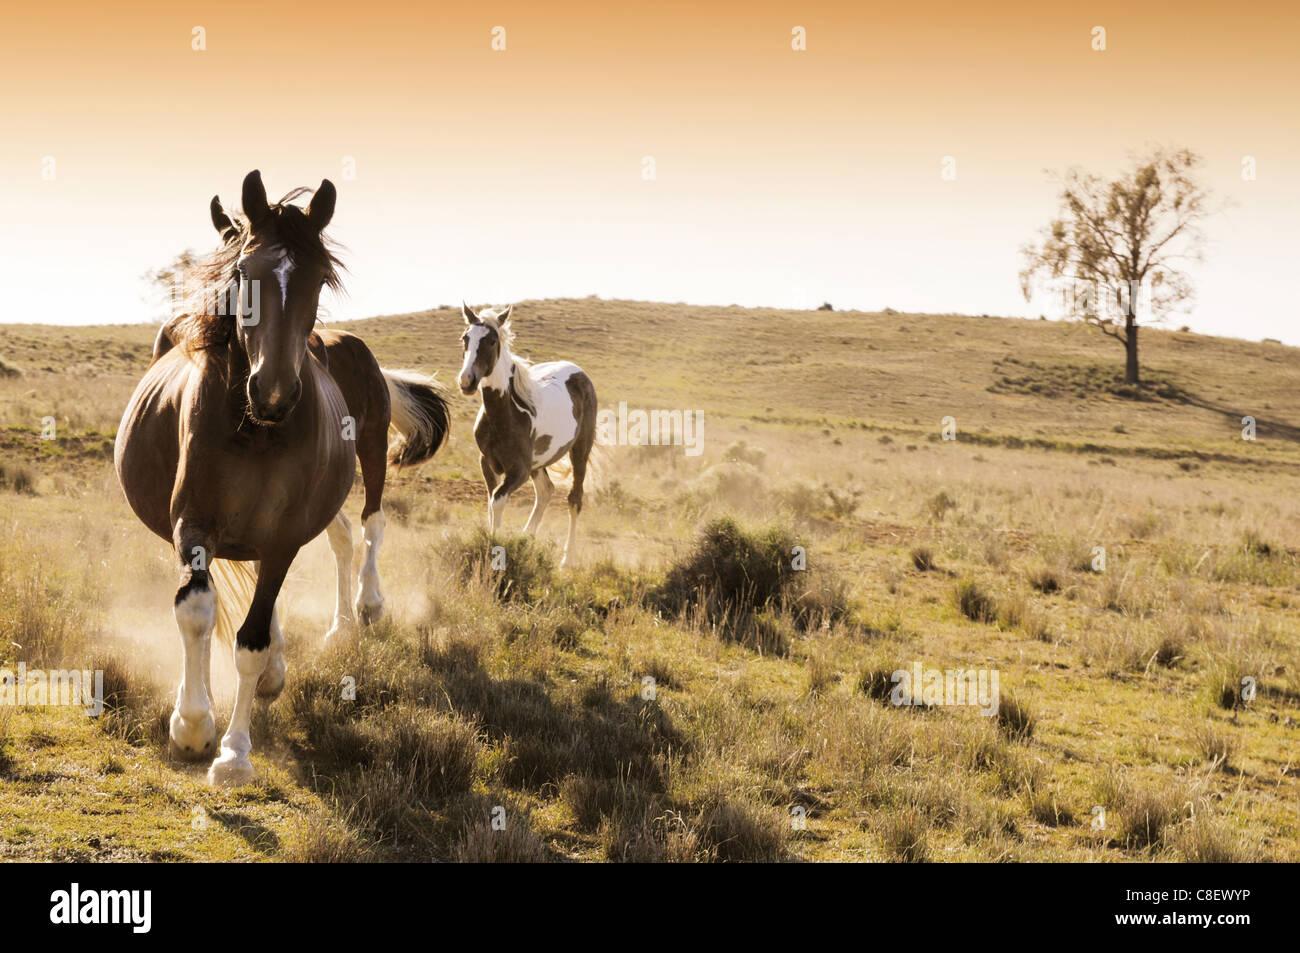 Stock caballos en una estación de ganado australiano al amanecer. Imagen De Stock